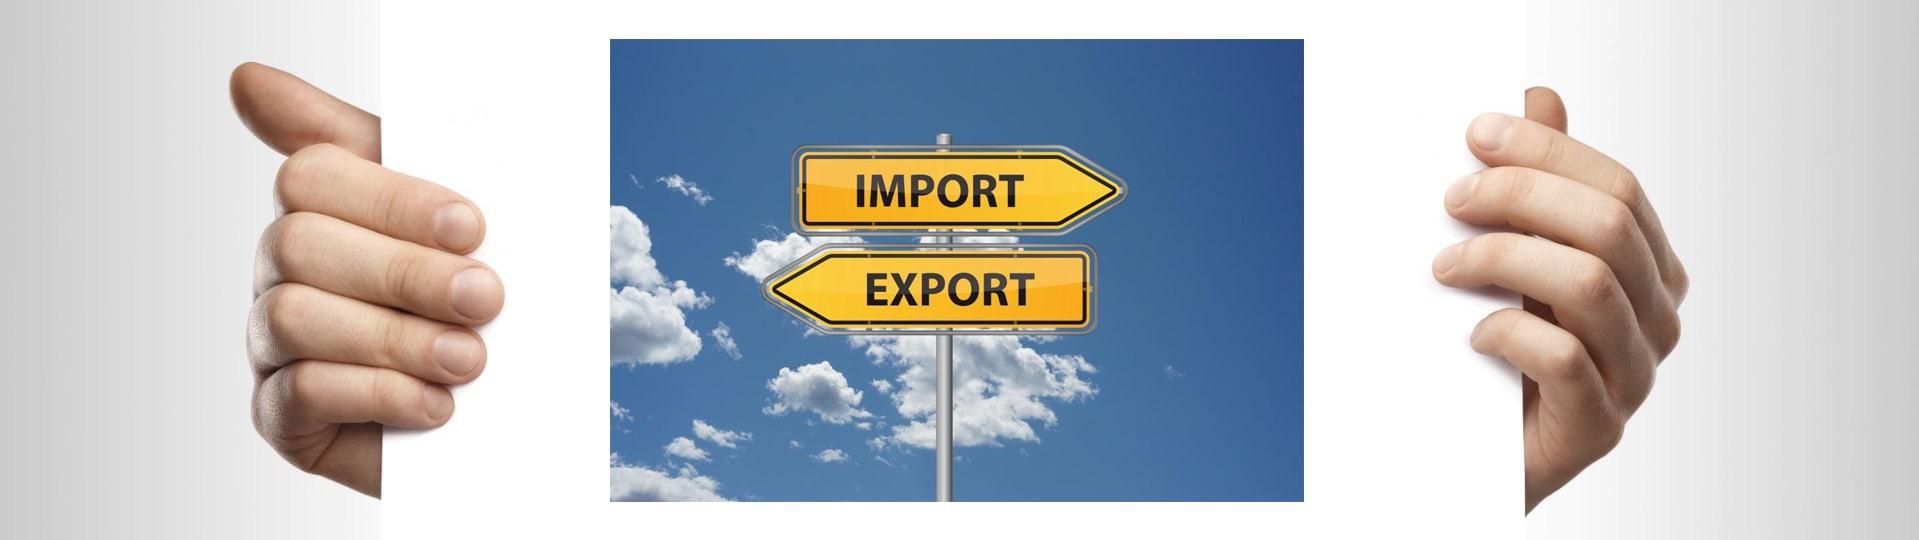 importex 1 - Юридическое сопровождение импортно-экспортных операций